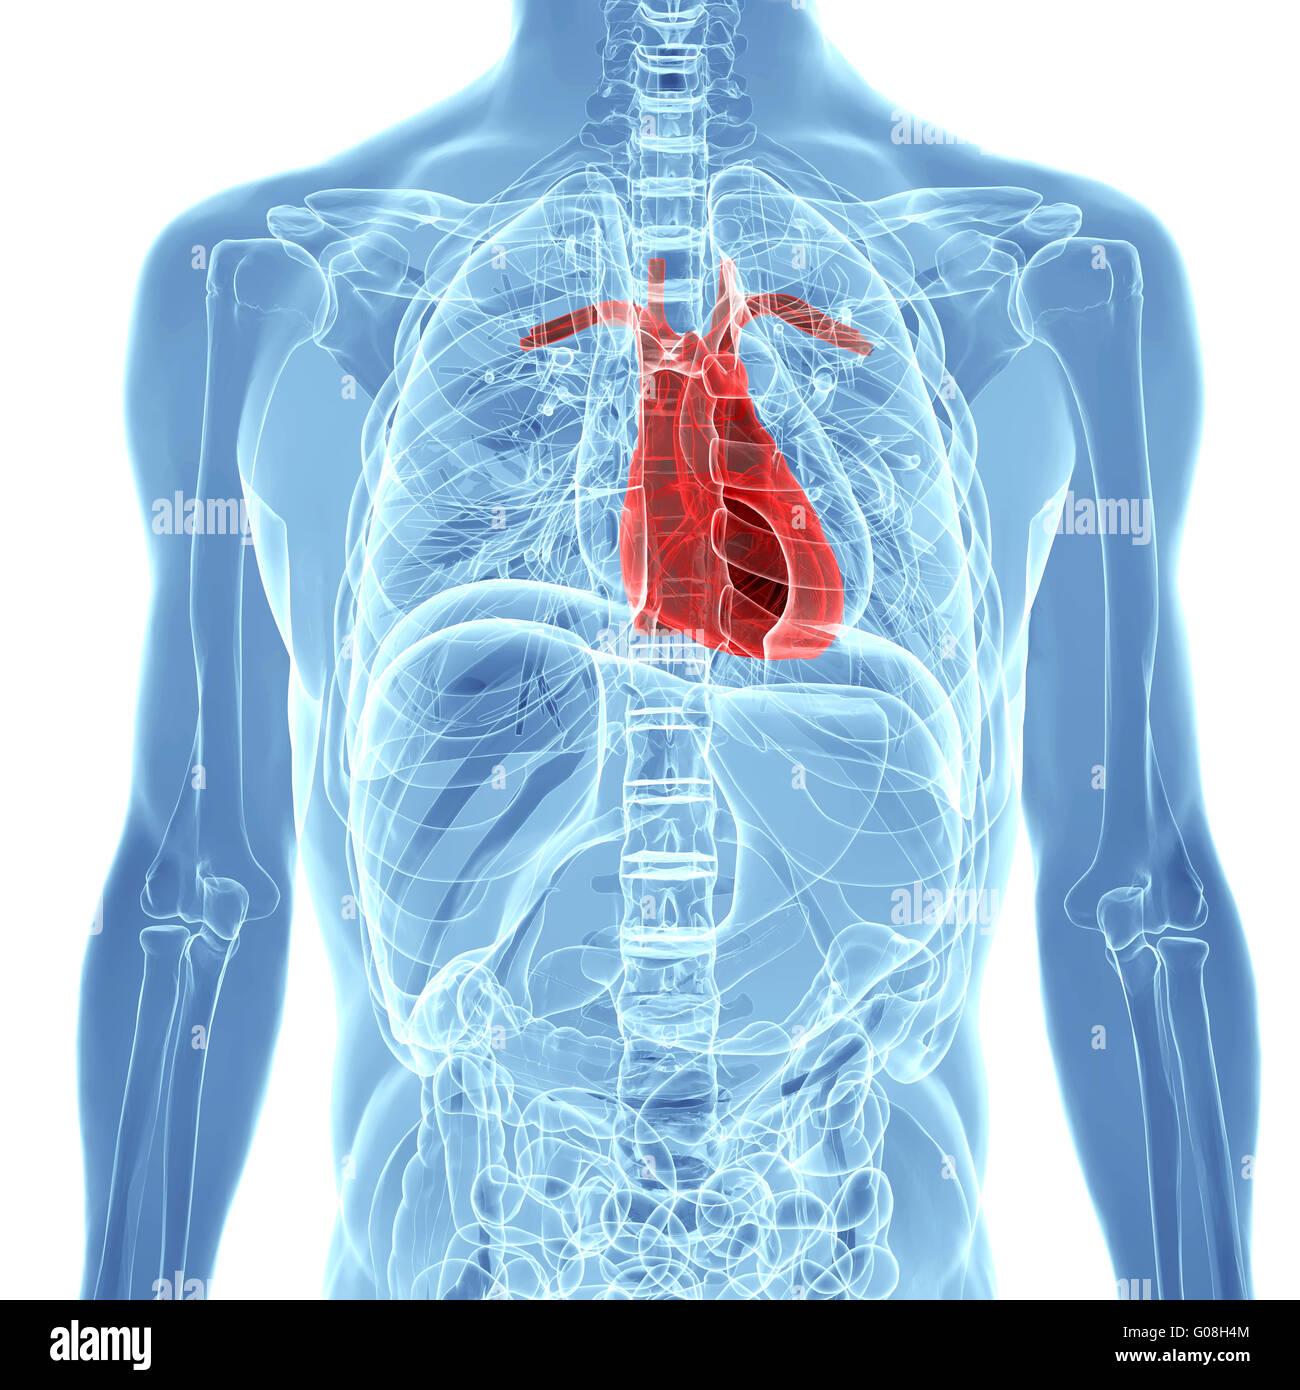 Anatomie des Menschen Herz Stockbild